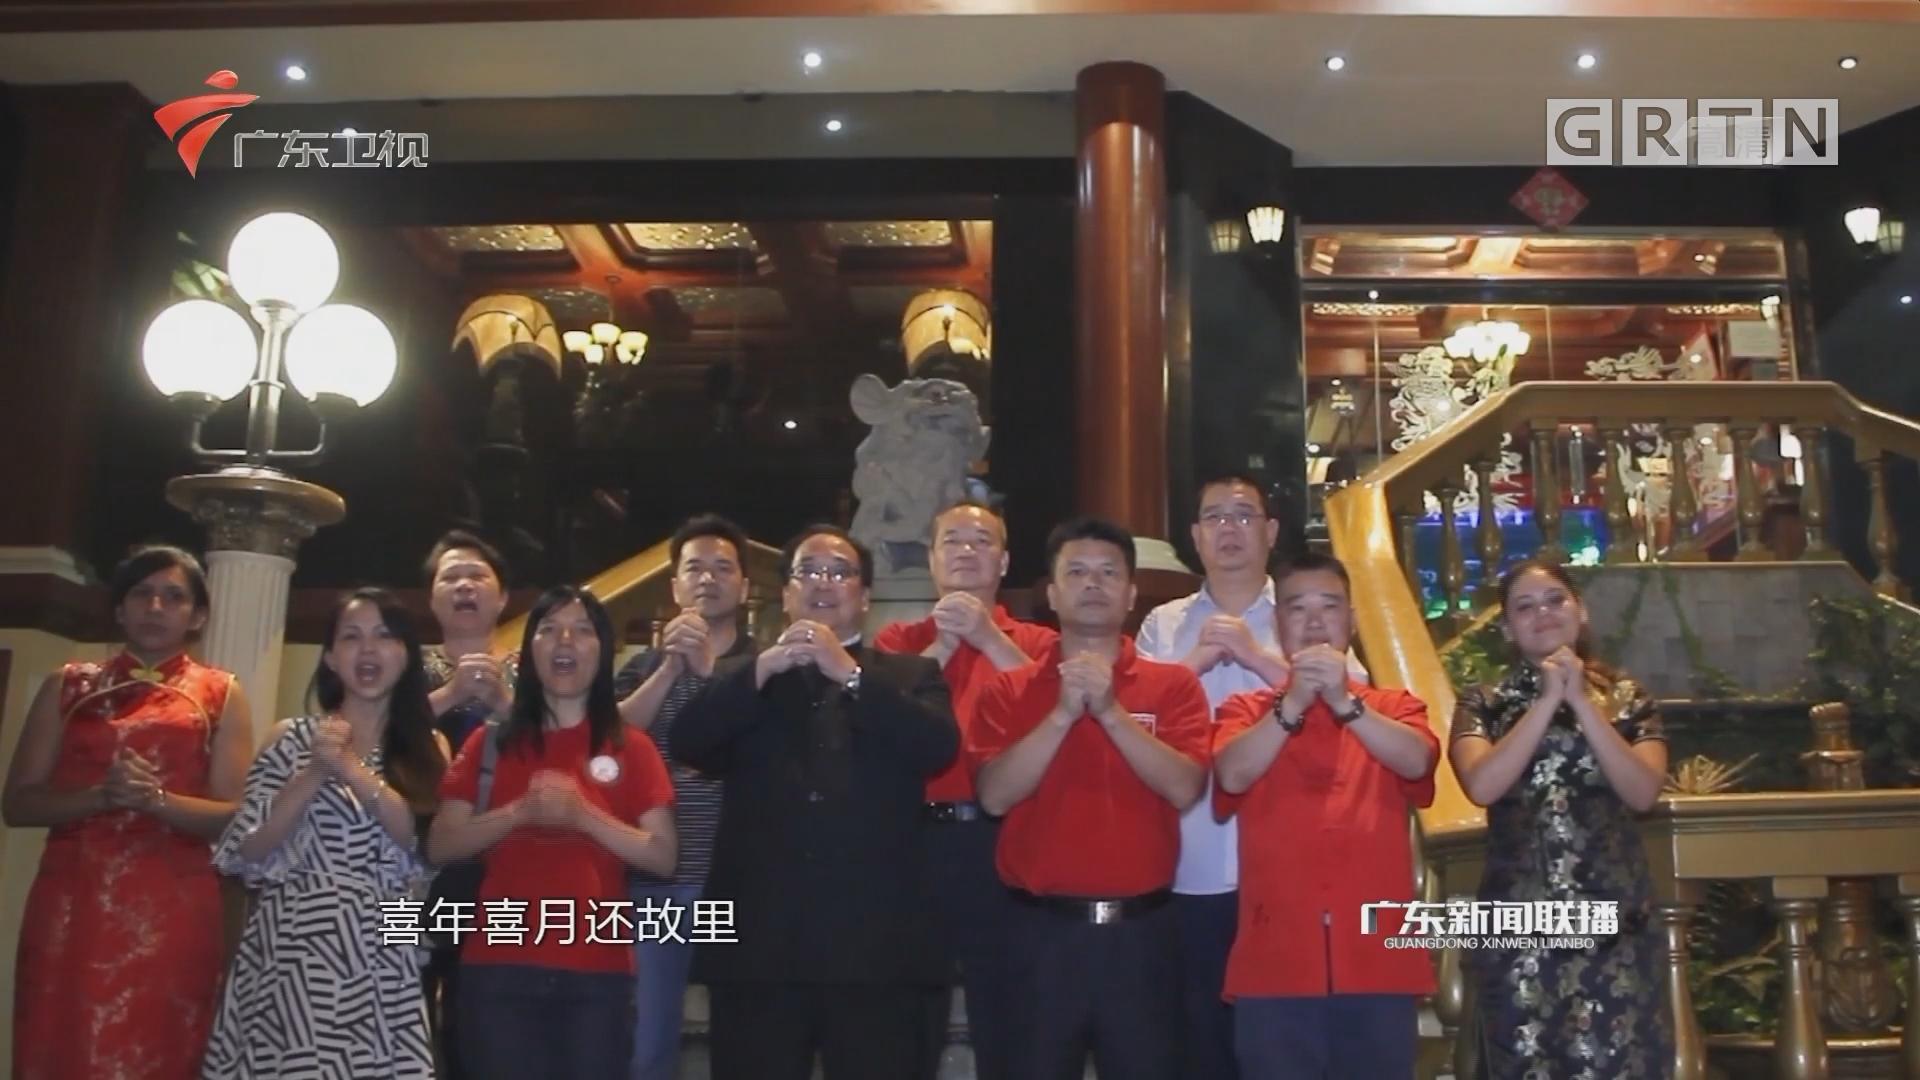 四海同庆贺新春 全球共品中国年